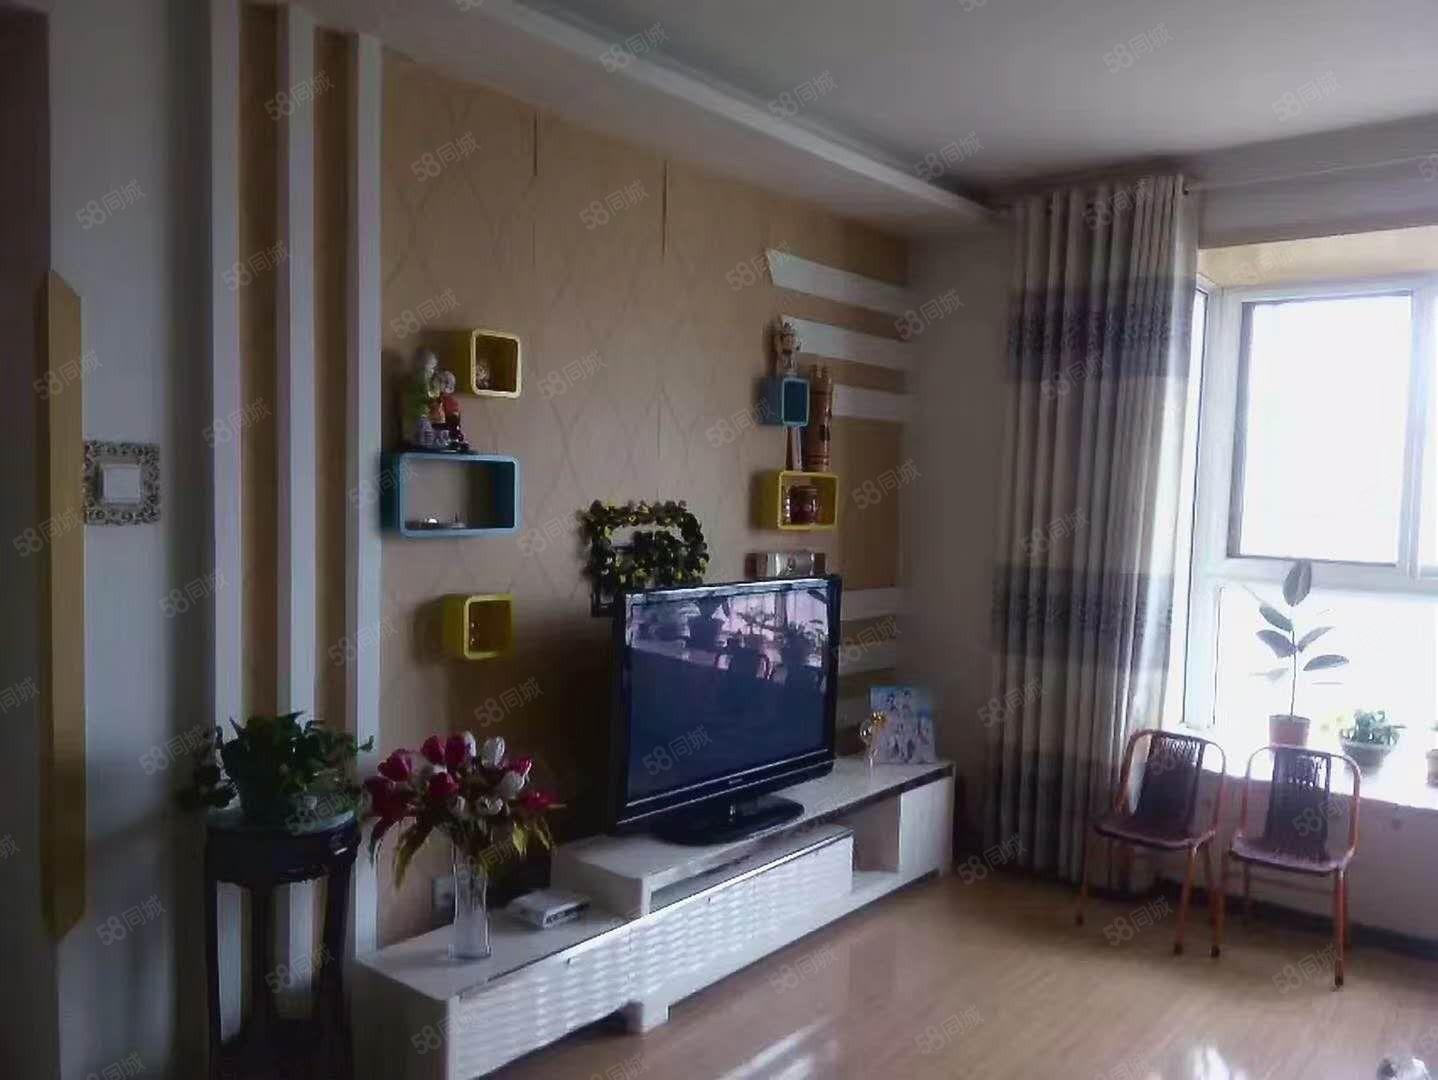 渭城区朝阳一路美景江南3室2厅2出售欢迎随时看房!